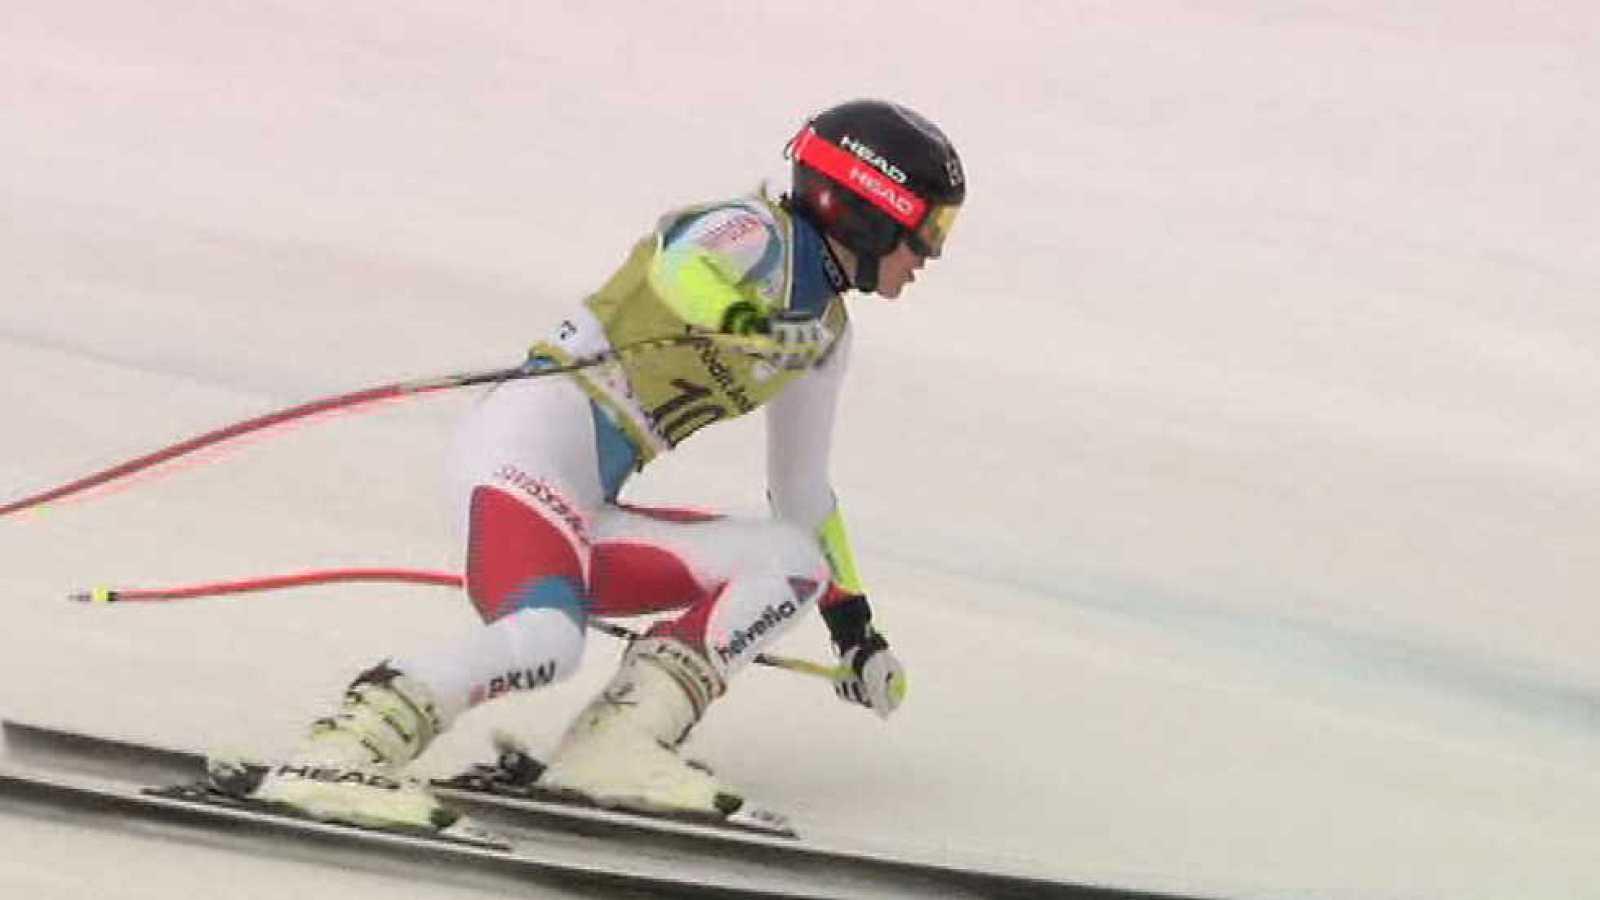 Esquí alpino - FIS. Magazine: Programa 15 - ver ahora